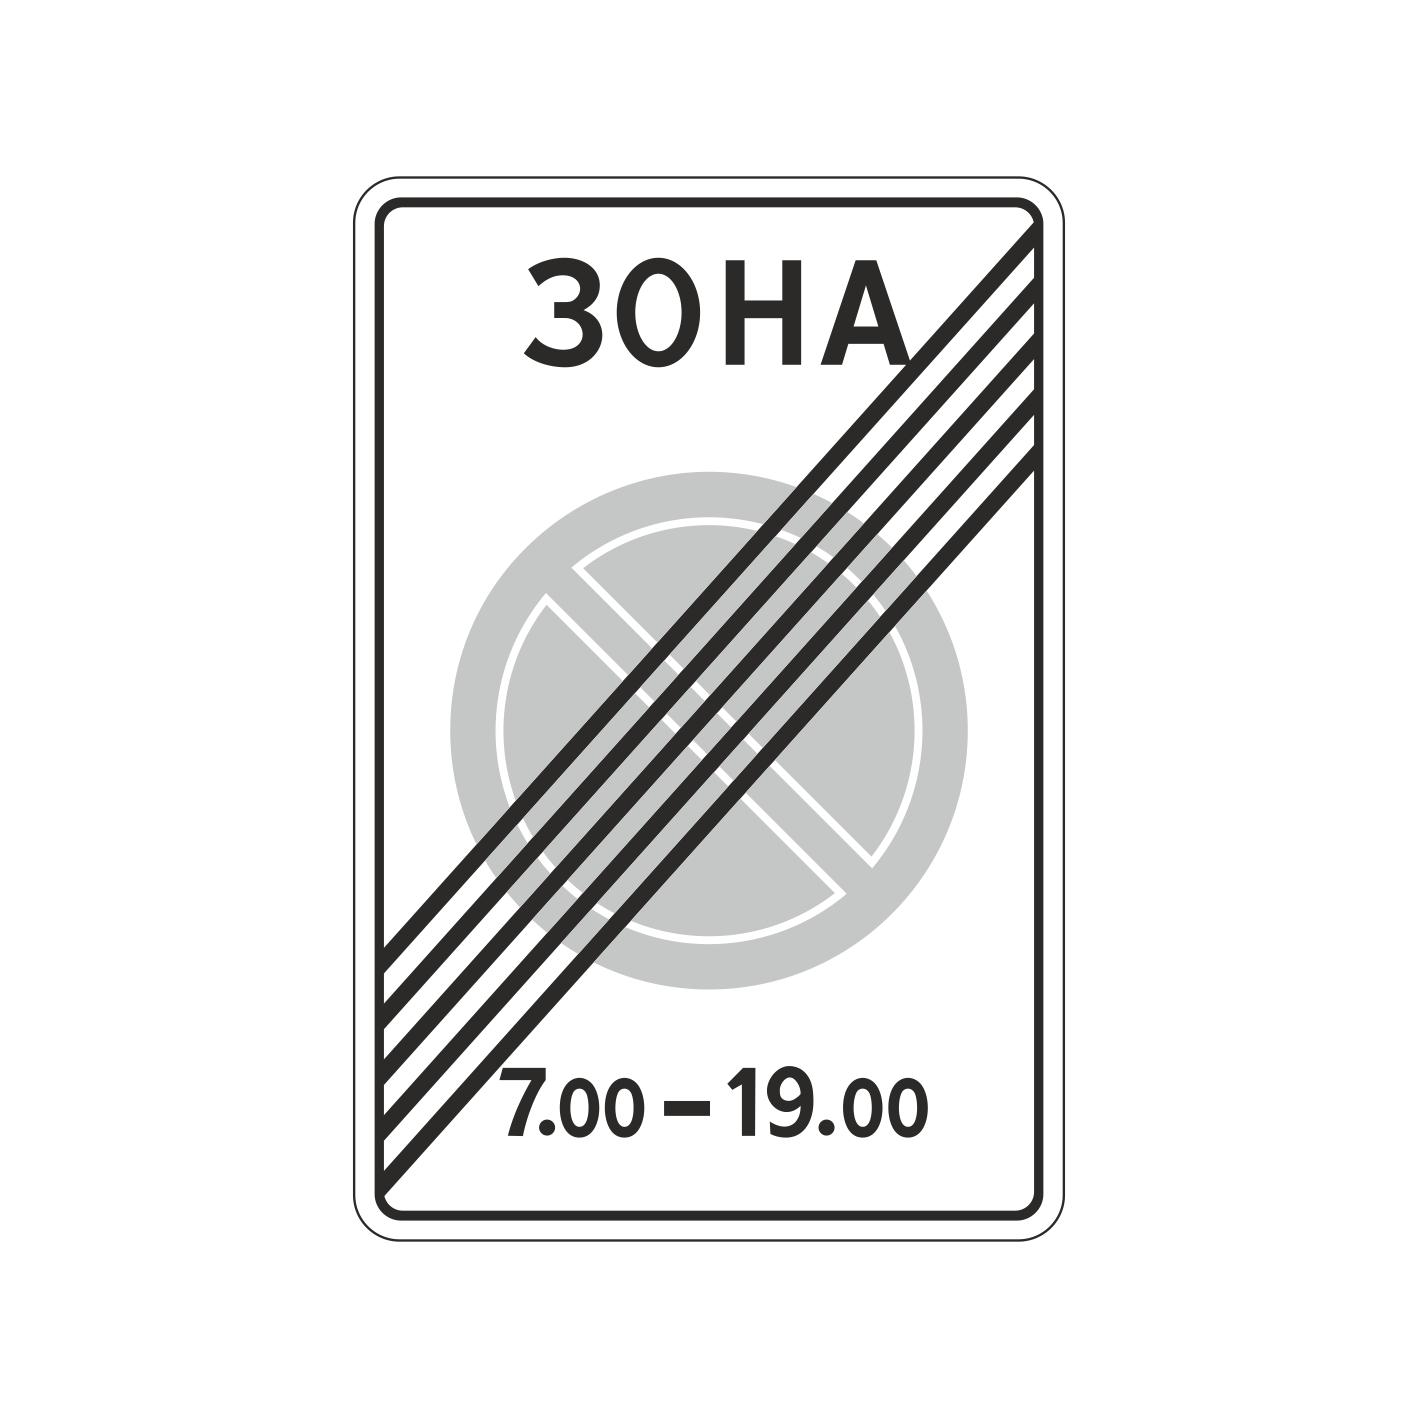 5.28 Конец зоны с ограничениями стоянки